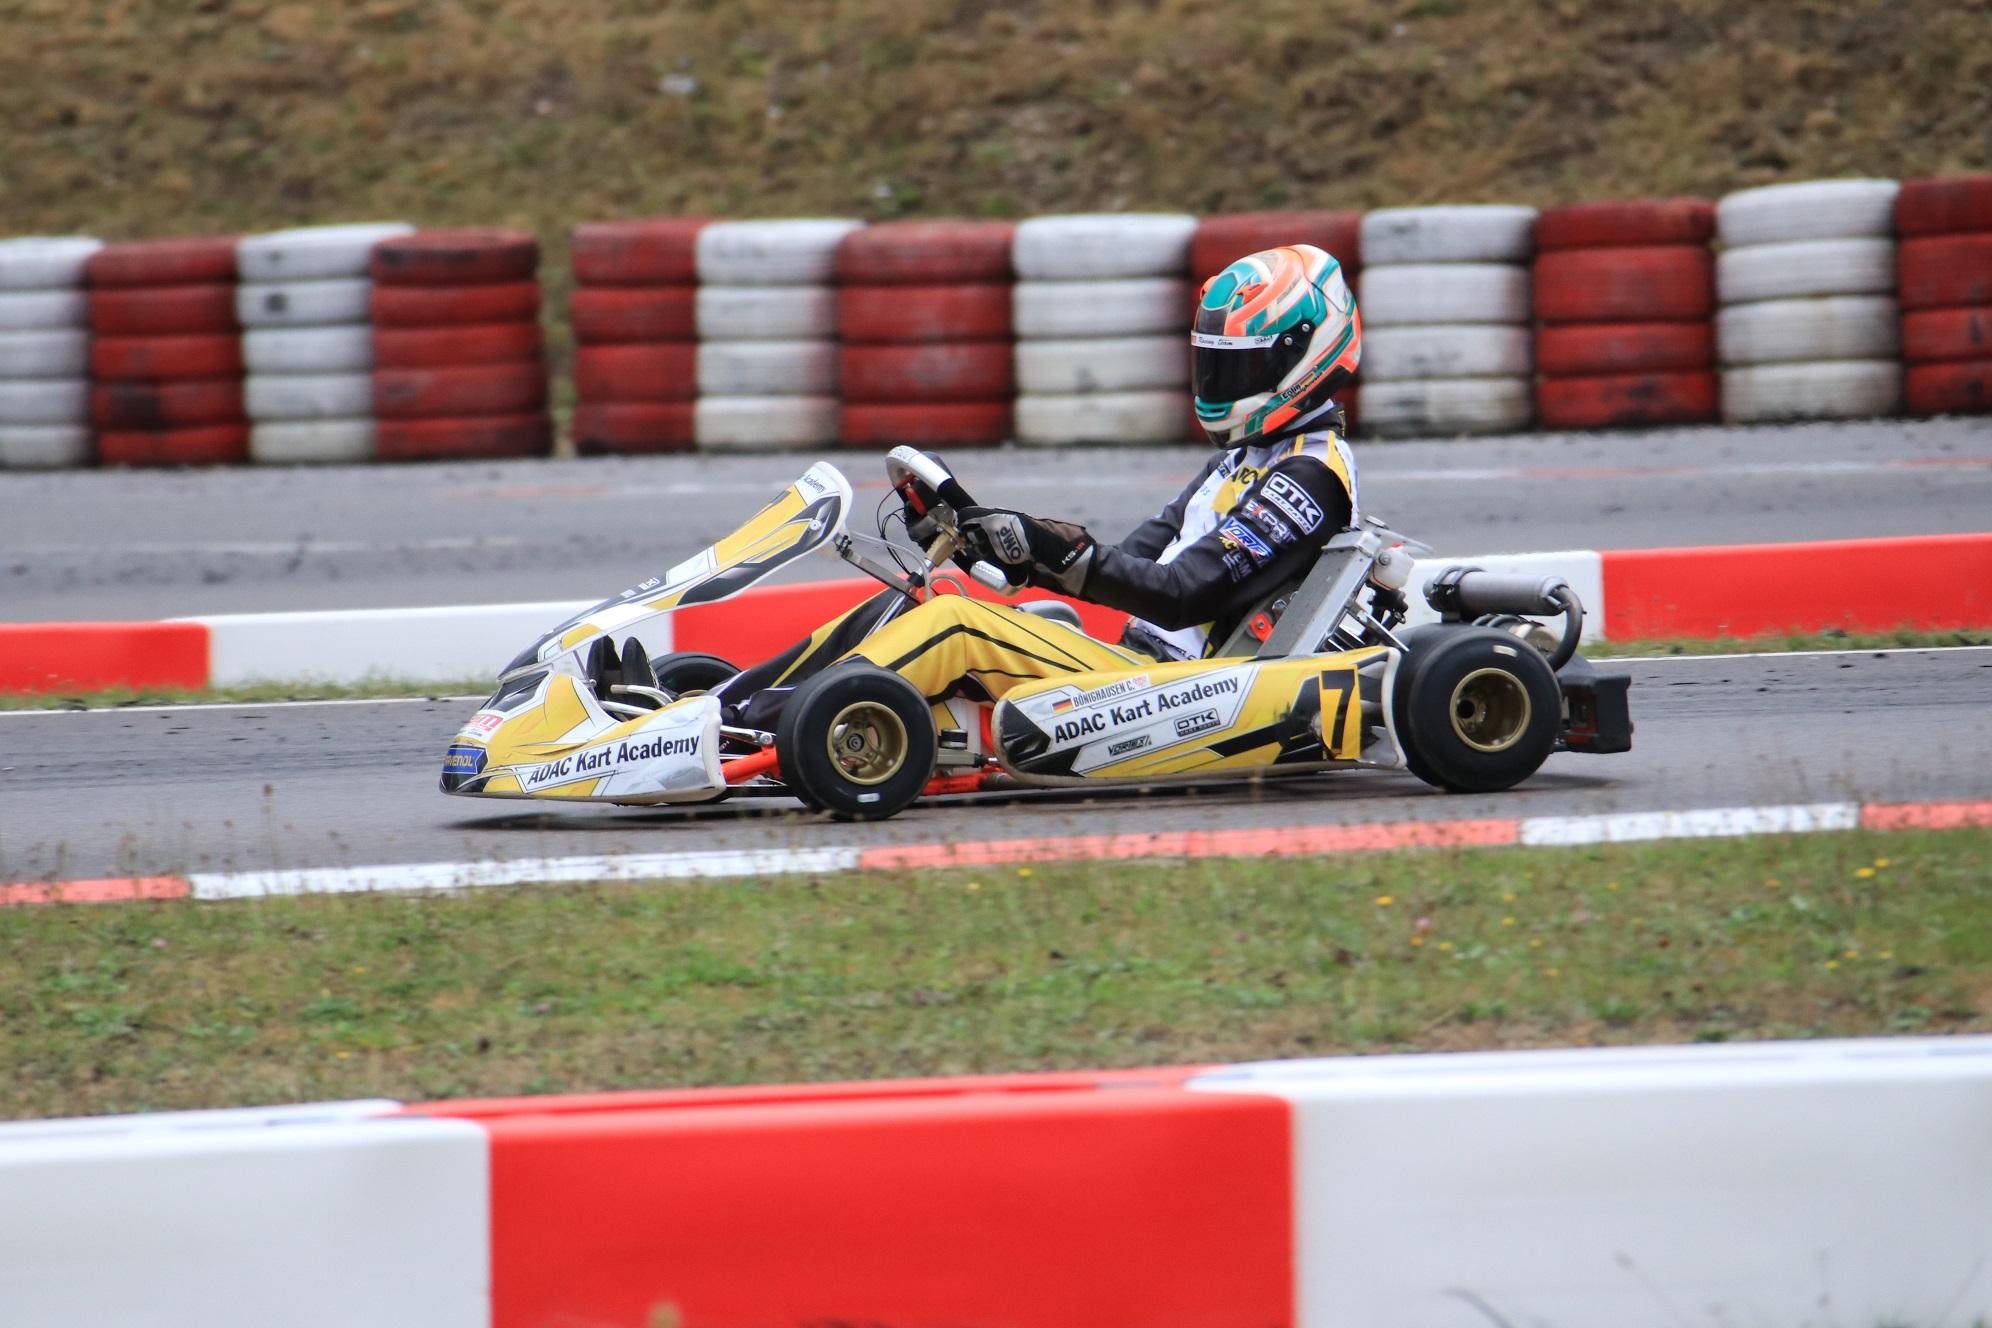 Bönighausen springt auf Platz 3 bei der ADAC Kart Academy